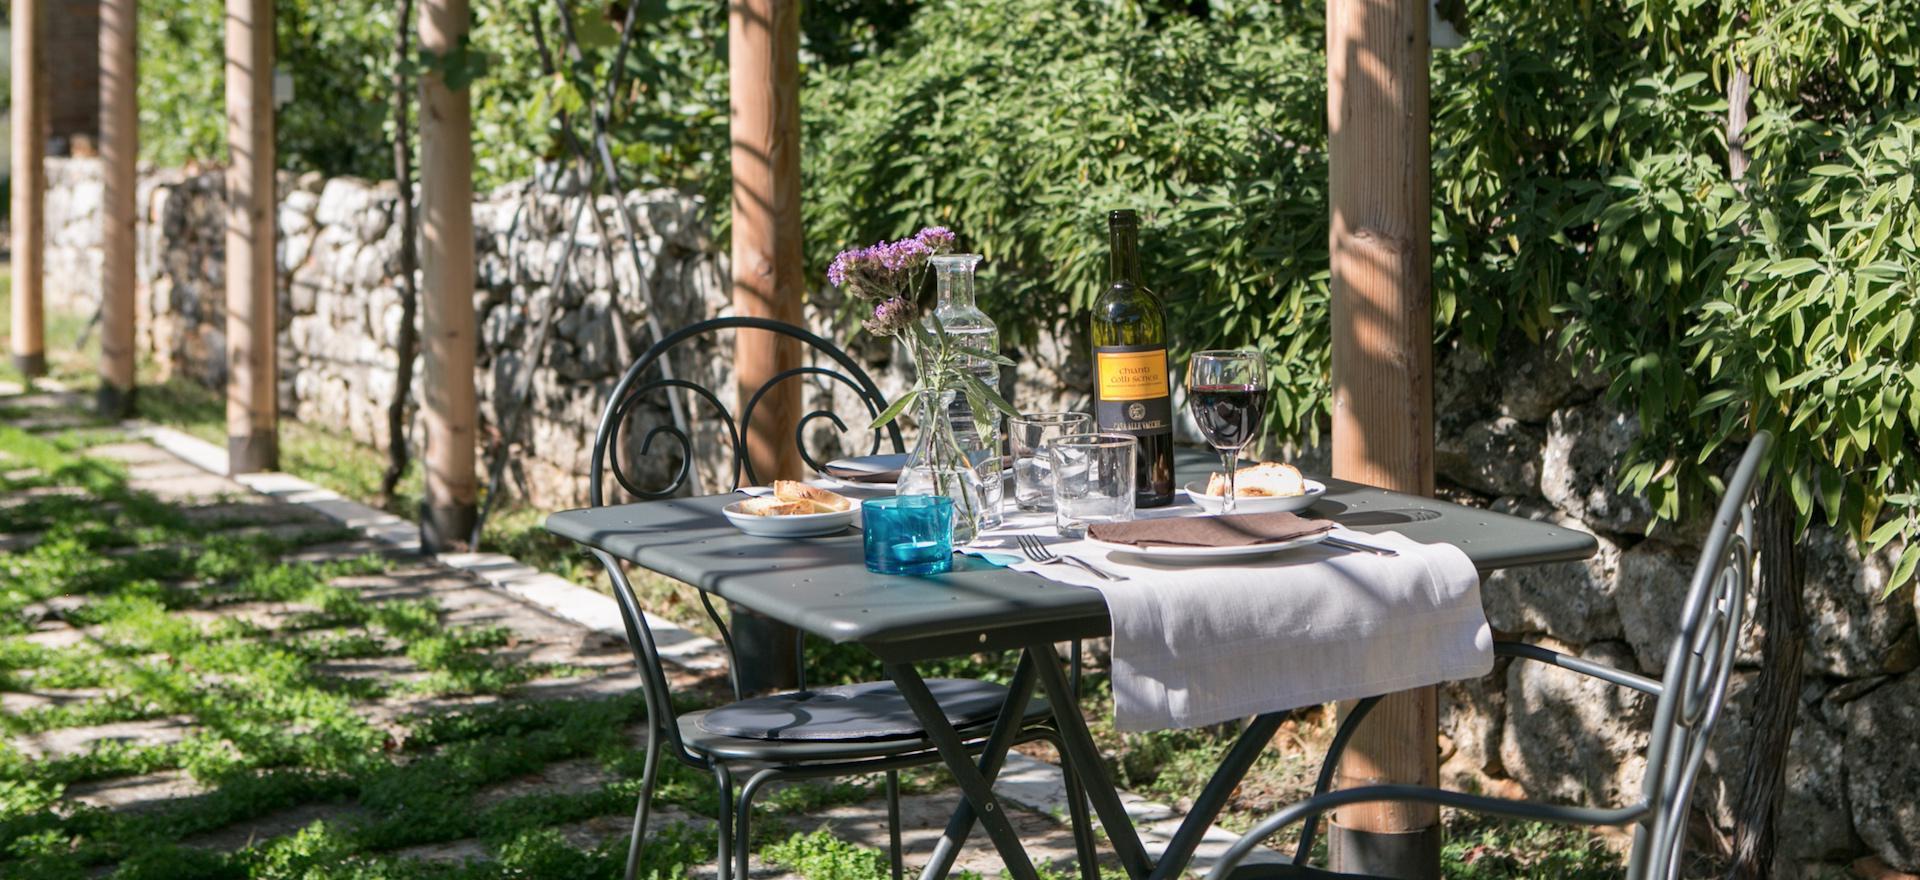 Agriturismo Toscane vlakbij goed restaurant